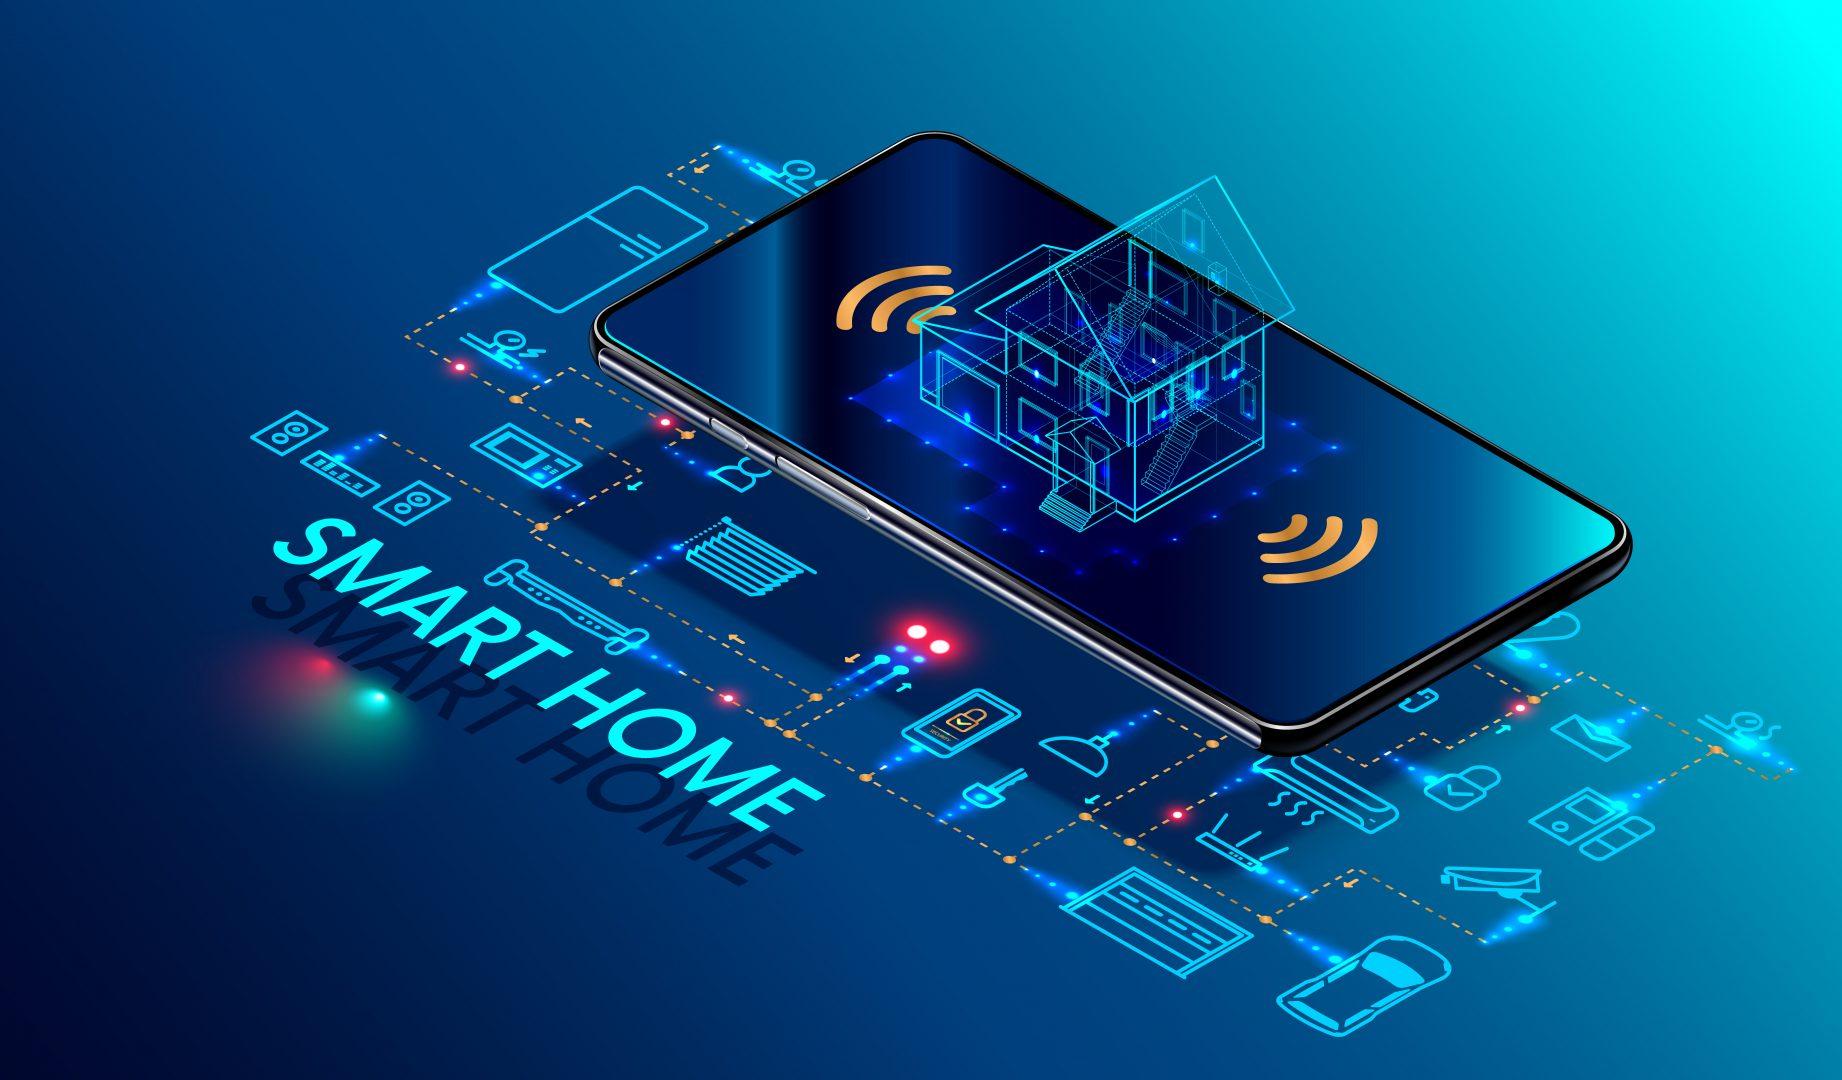 IFA 2019 Бързи лаптопи, мощни смартфони и умни технологии сред основните тенденции на IFA 2019 А1 Блог